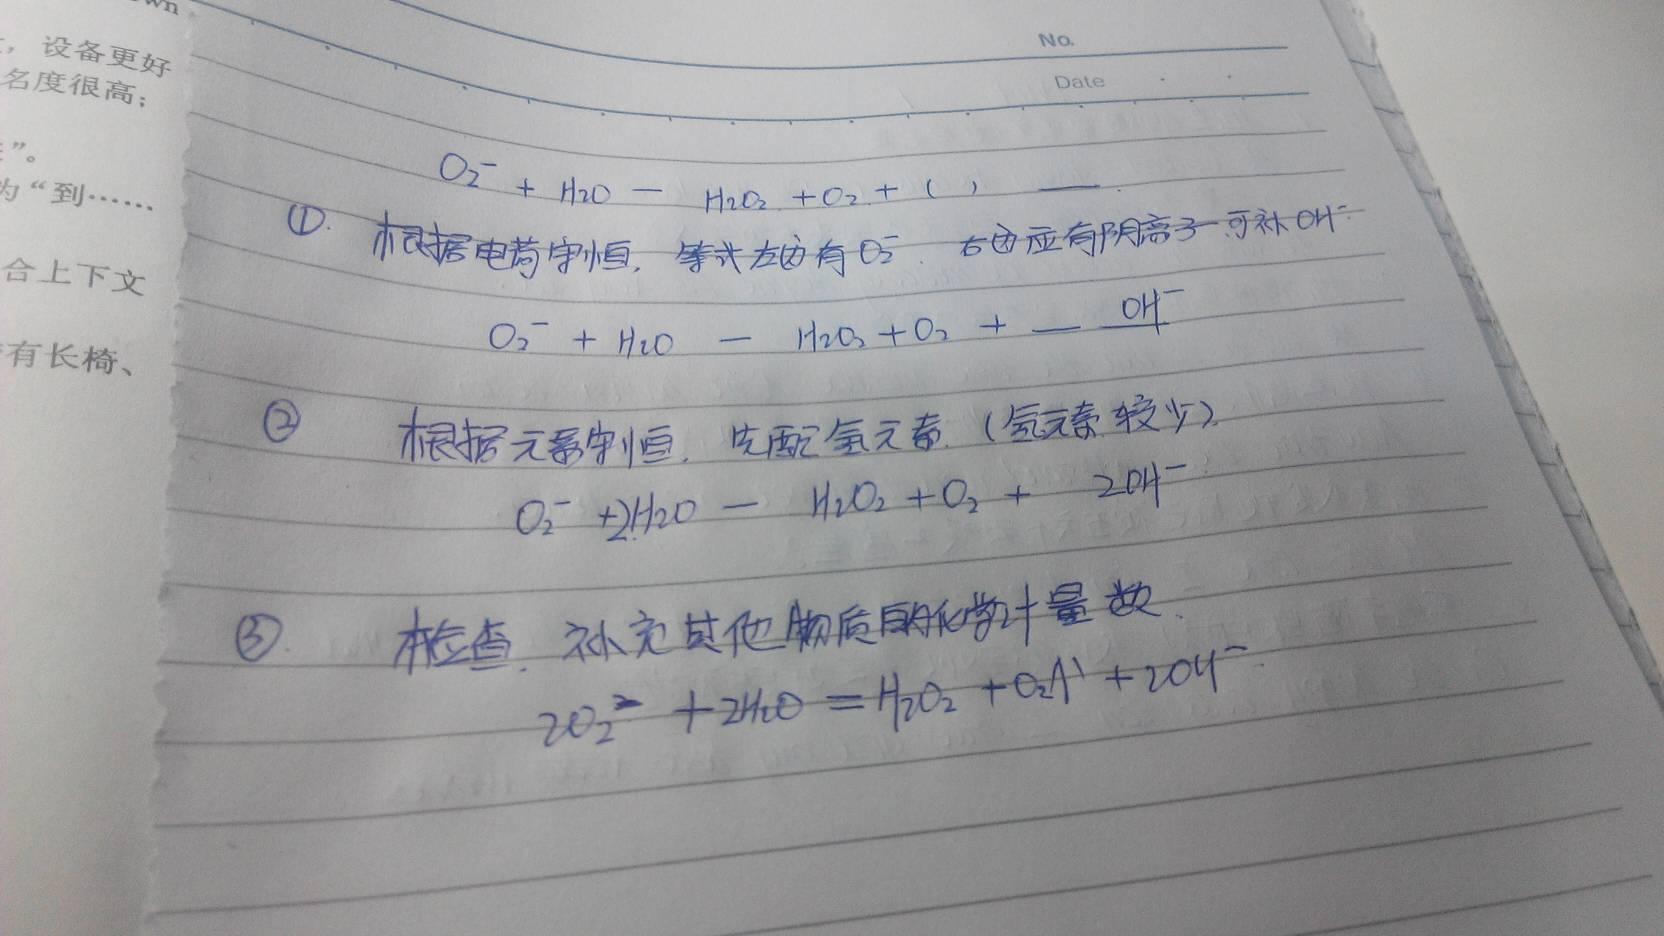 ... _化学方程式大全_高中化学方程式大全 - 平遥信息网